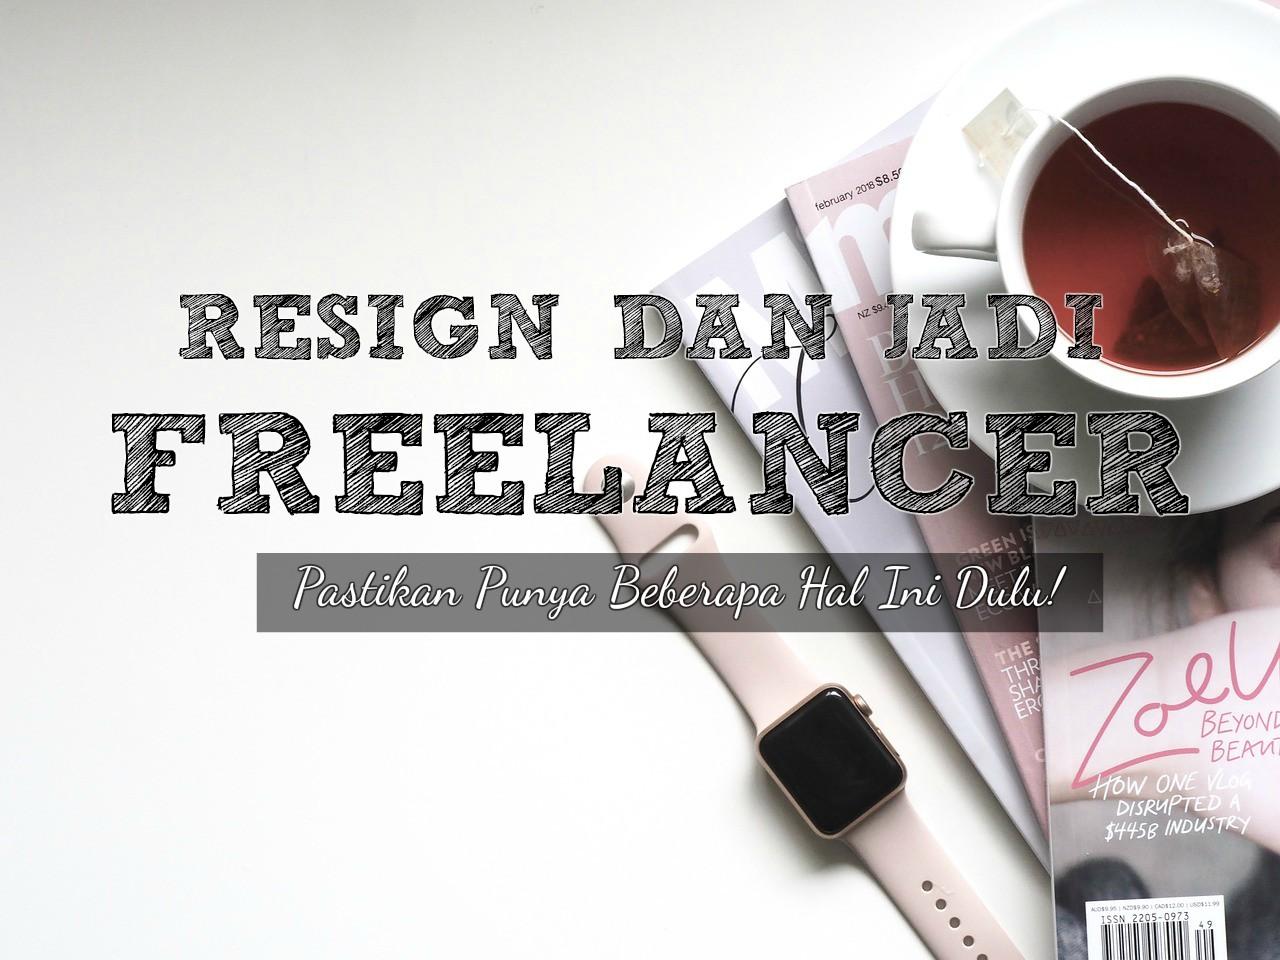 Resign Dari Kantor Dan Jadi Freelancer, Pastikan Punya Beberapa Hal Ini Dulu!